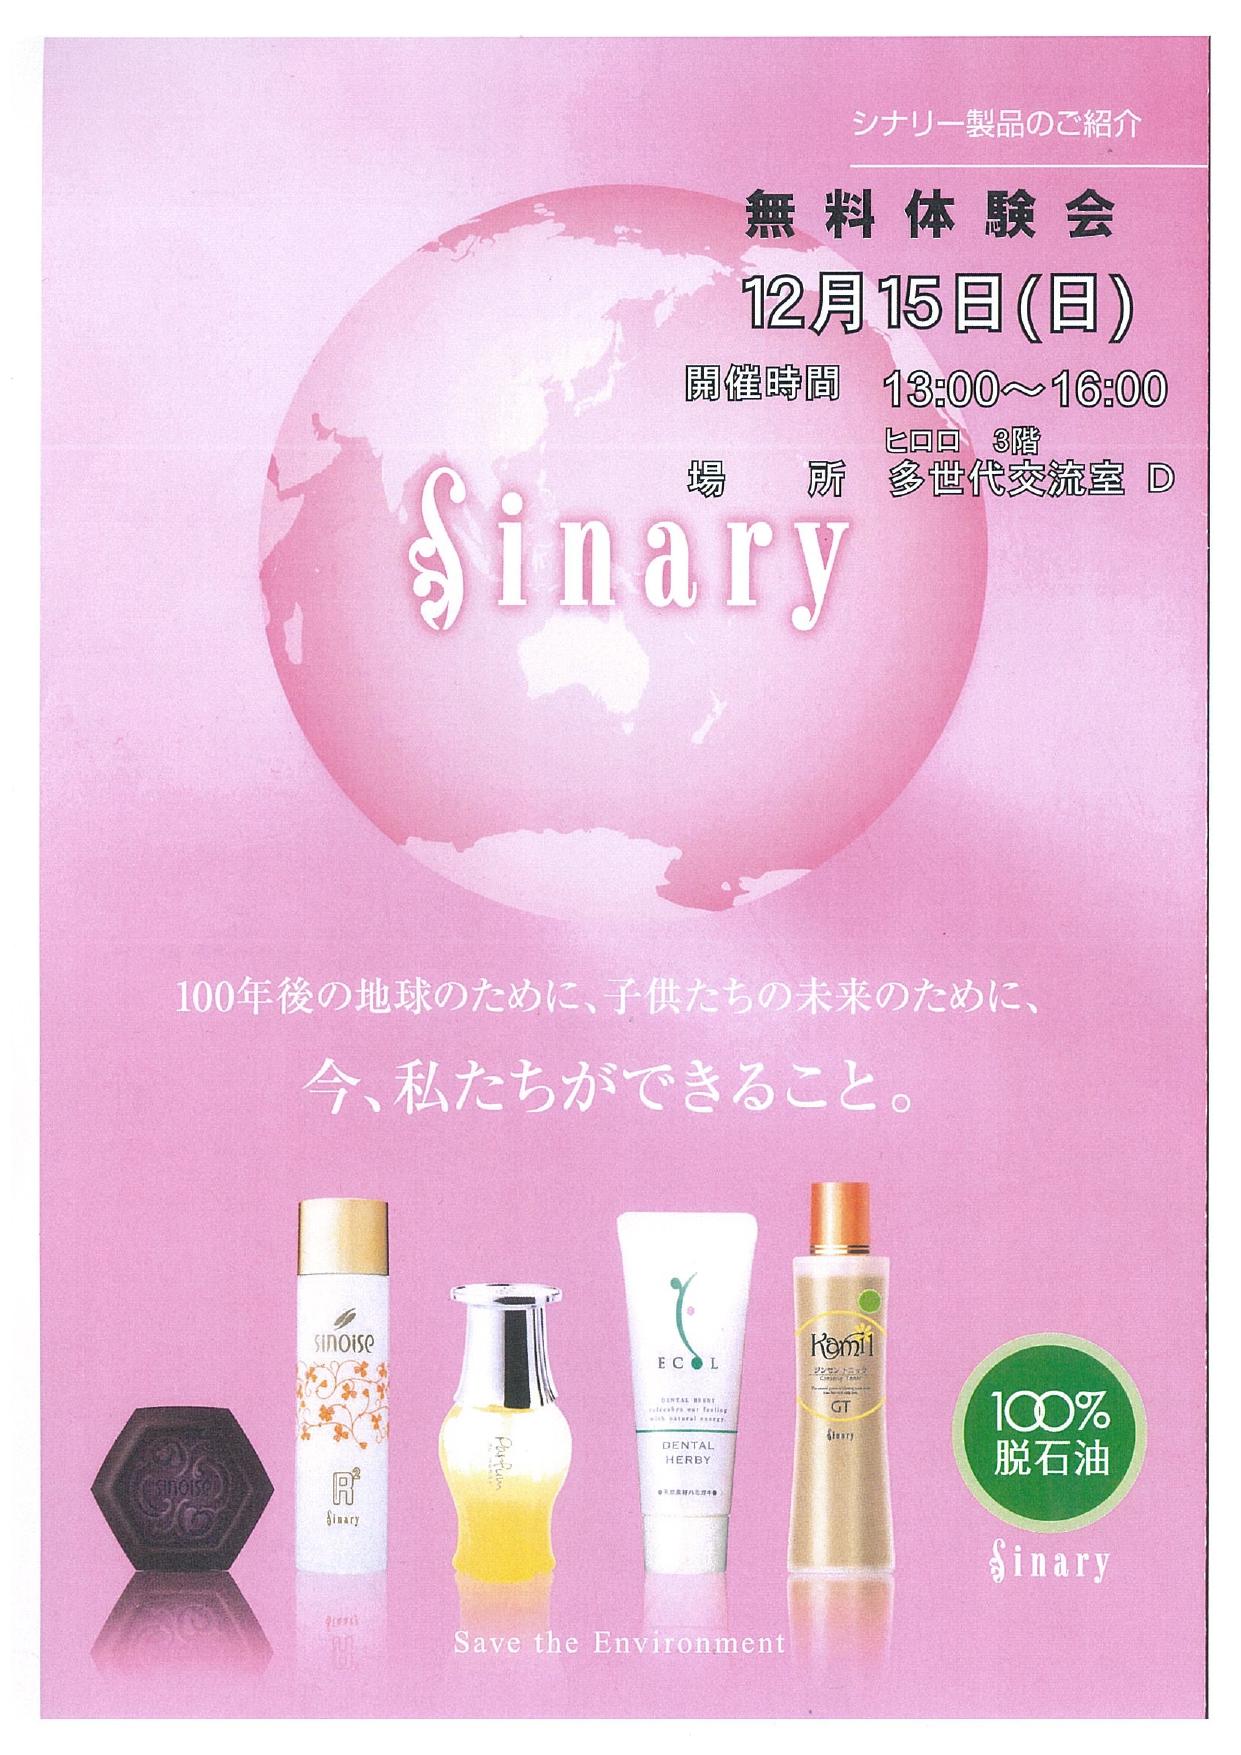 第8回シナリー化粧品体験会